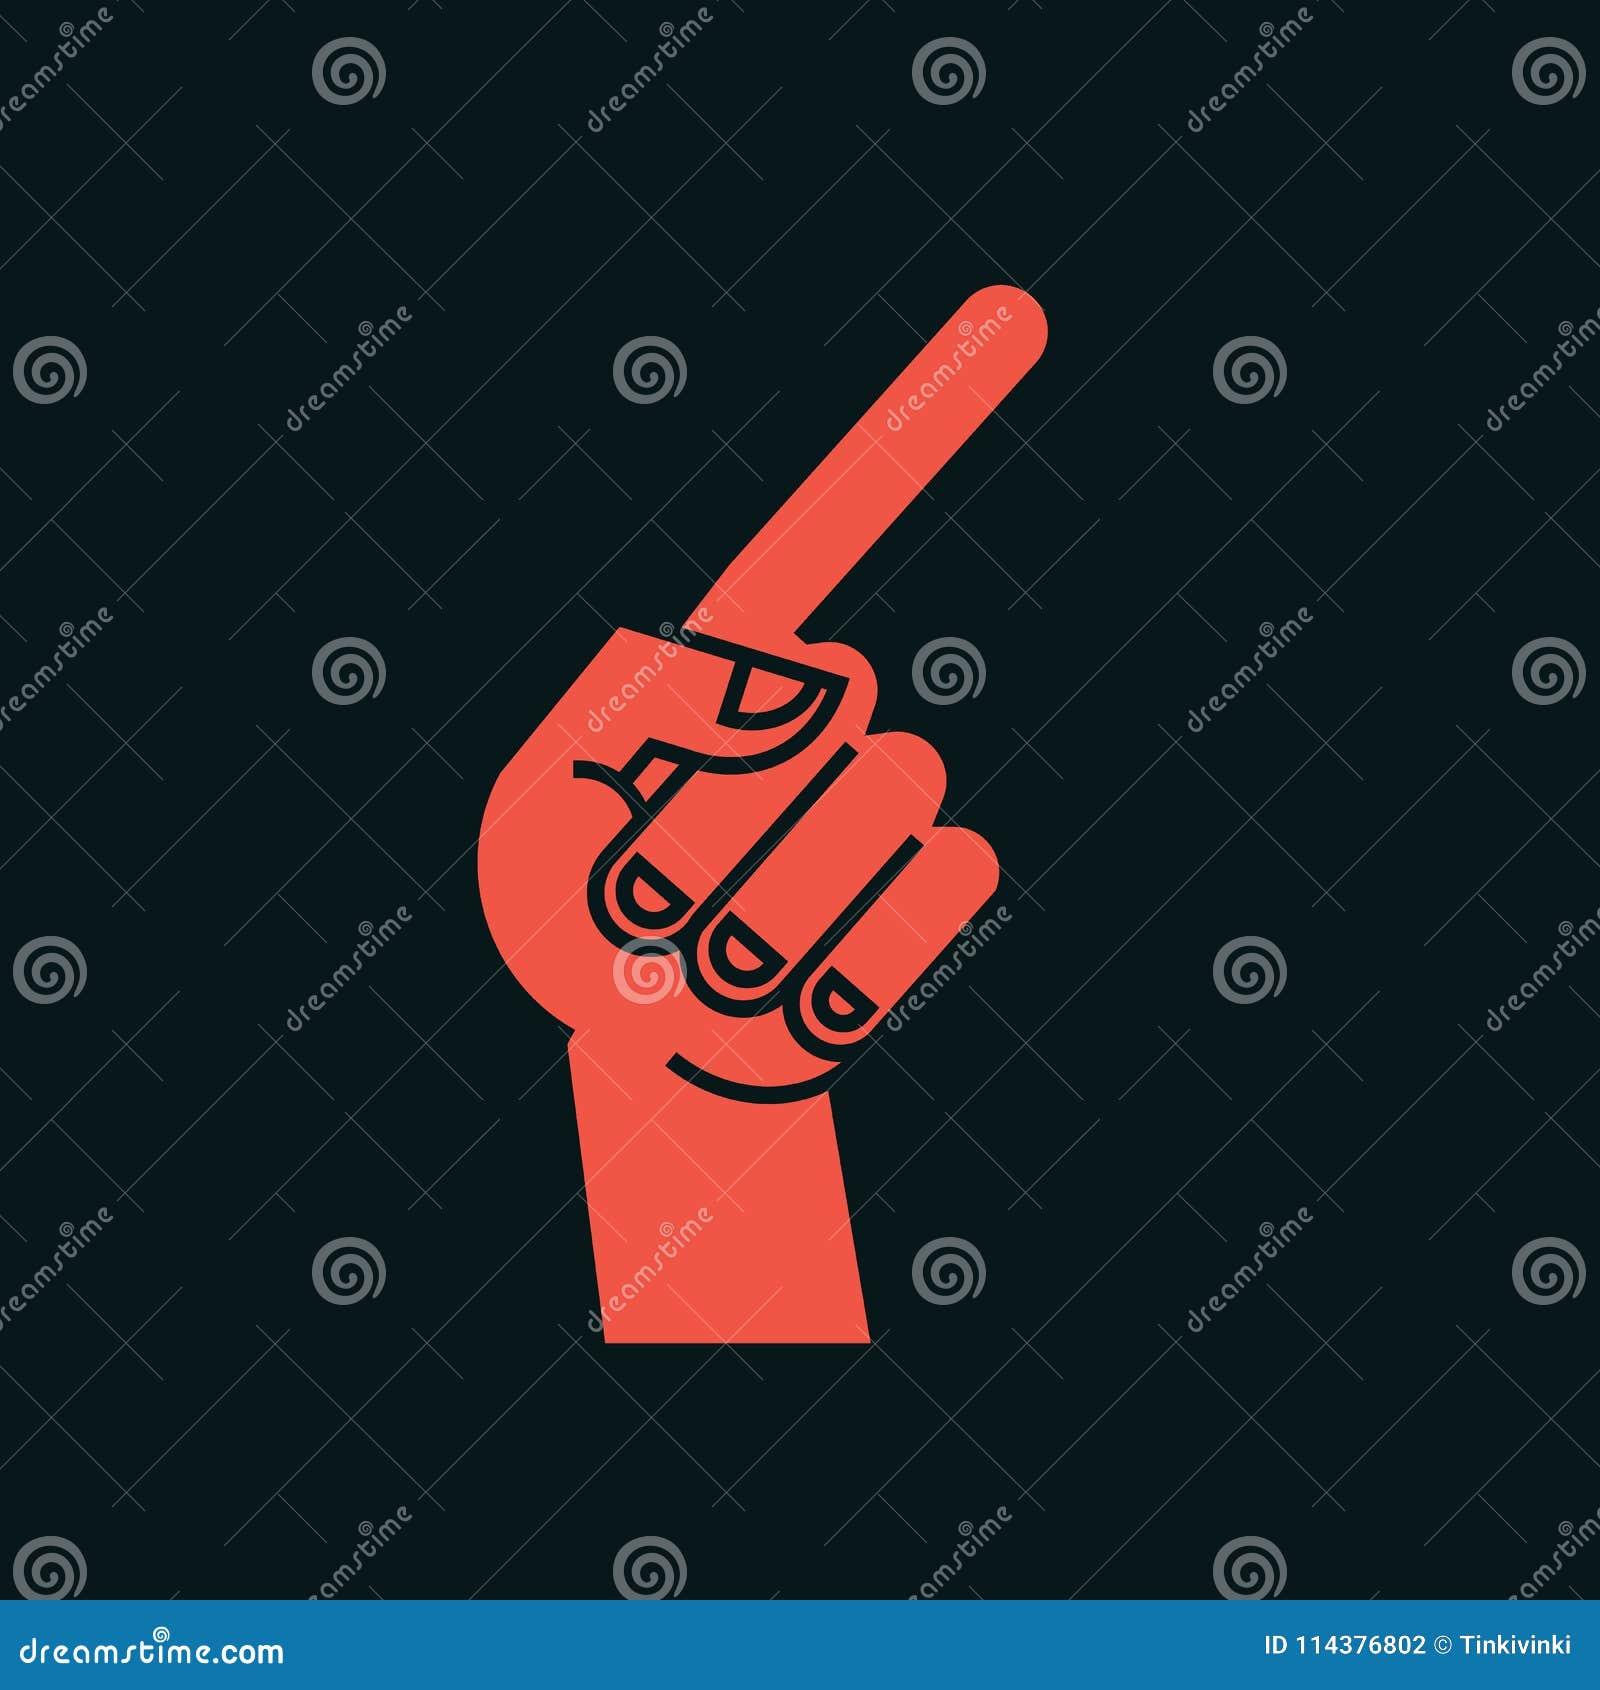 姿态 3d方向照片回报了符号 有食指的风格化手,弯曲的拇指 图标 显示路线 向量